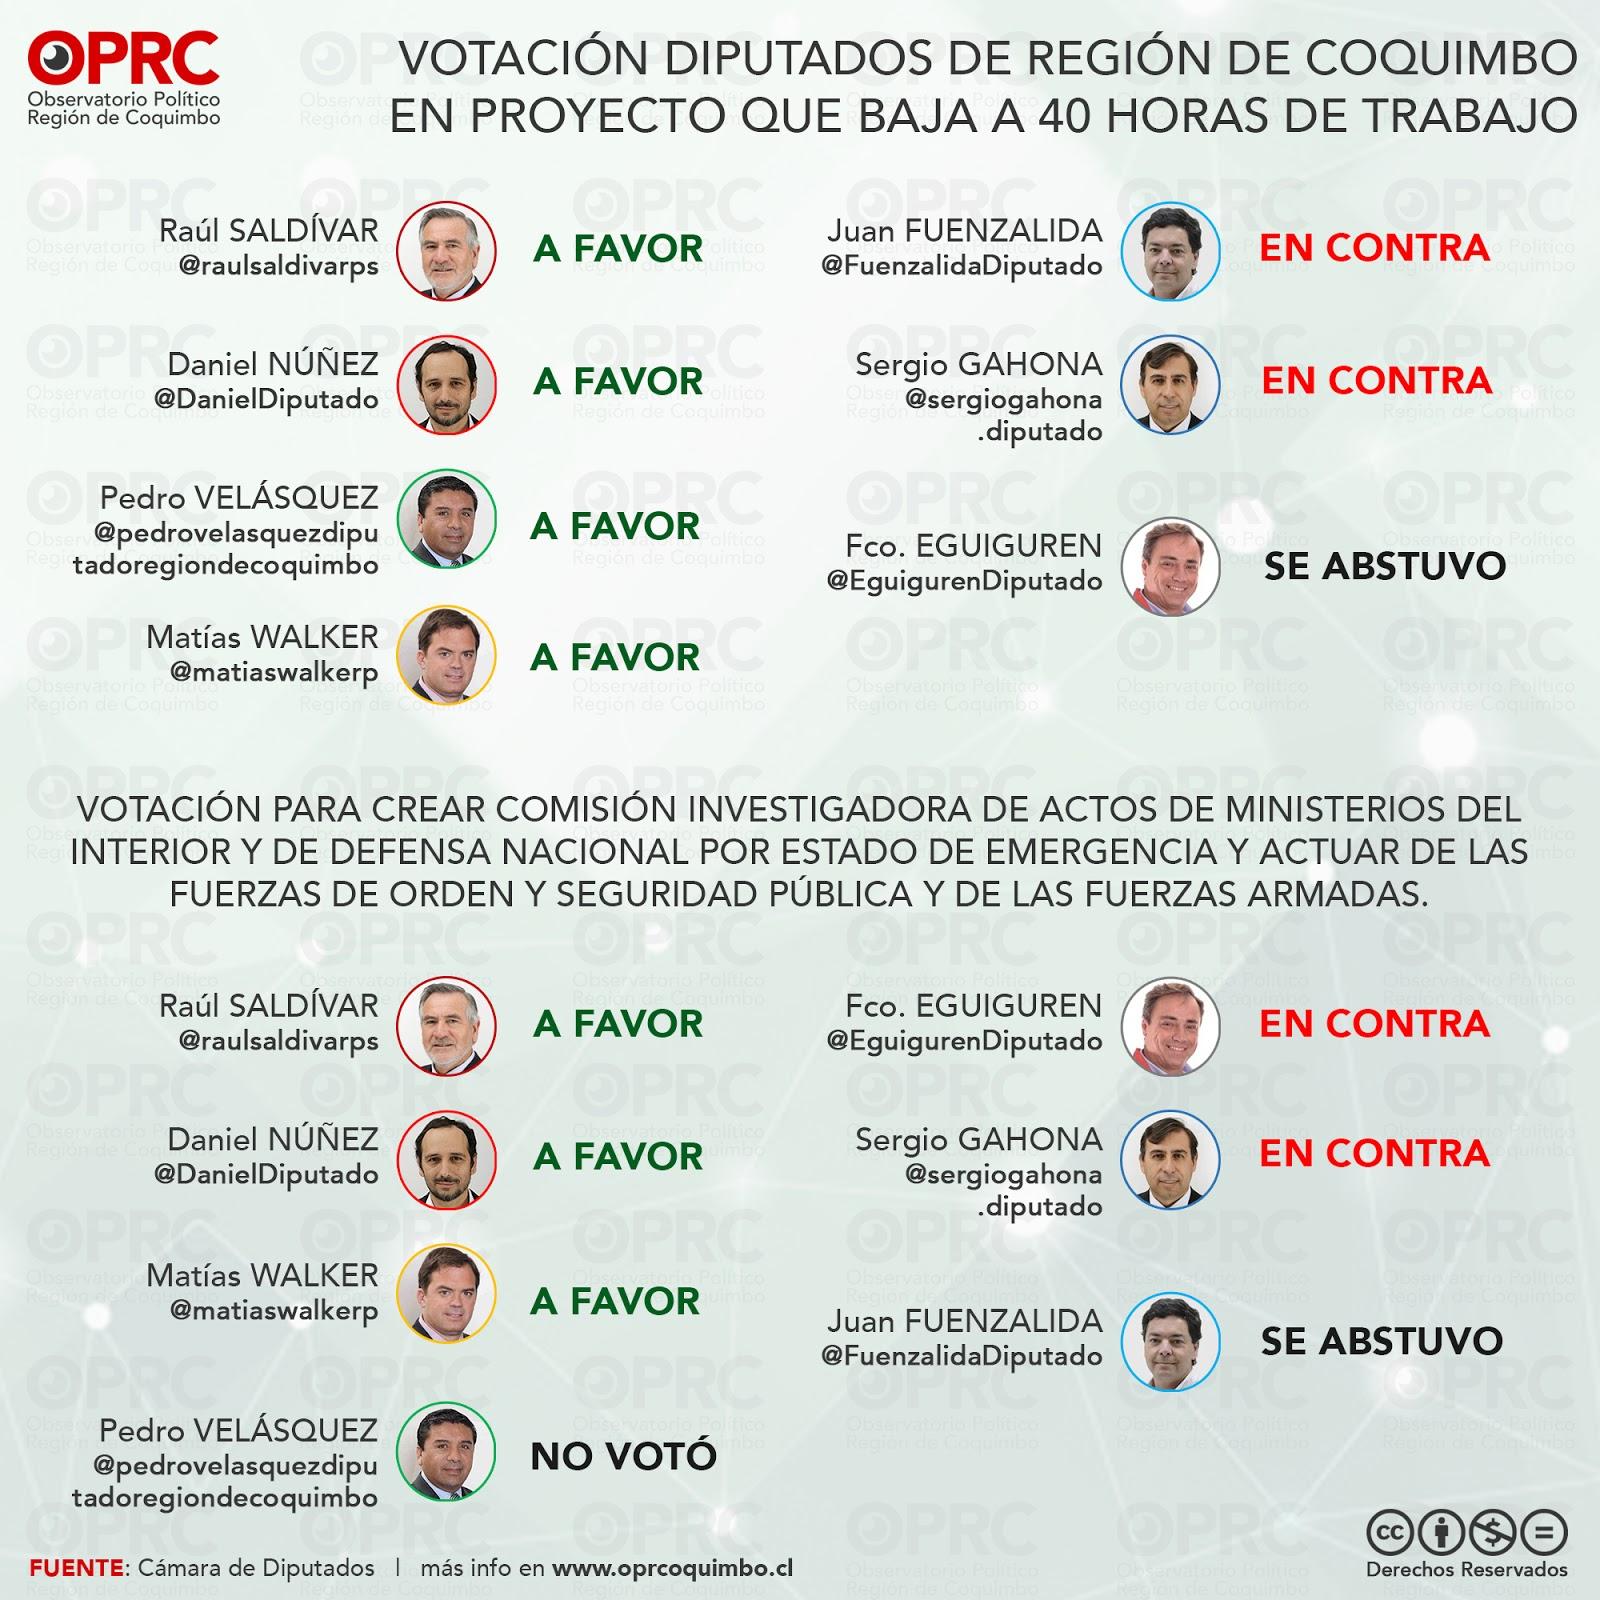 Votación Diputados Región de Coquimbo en proyecto #40horas